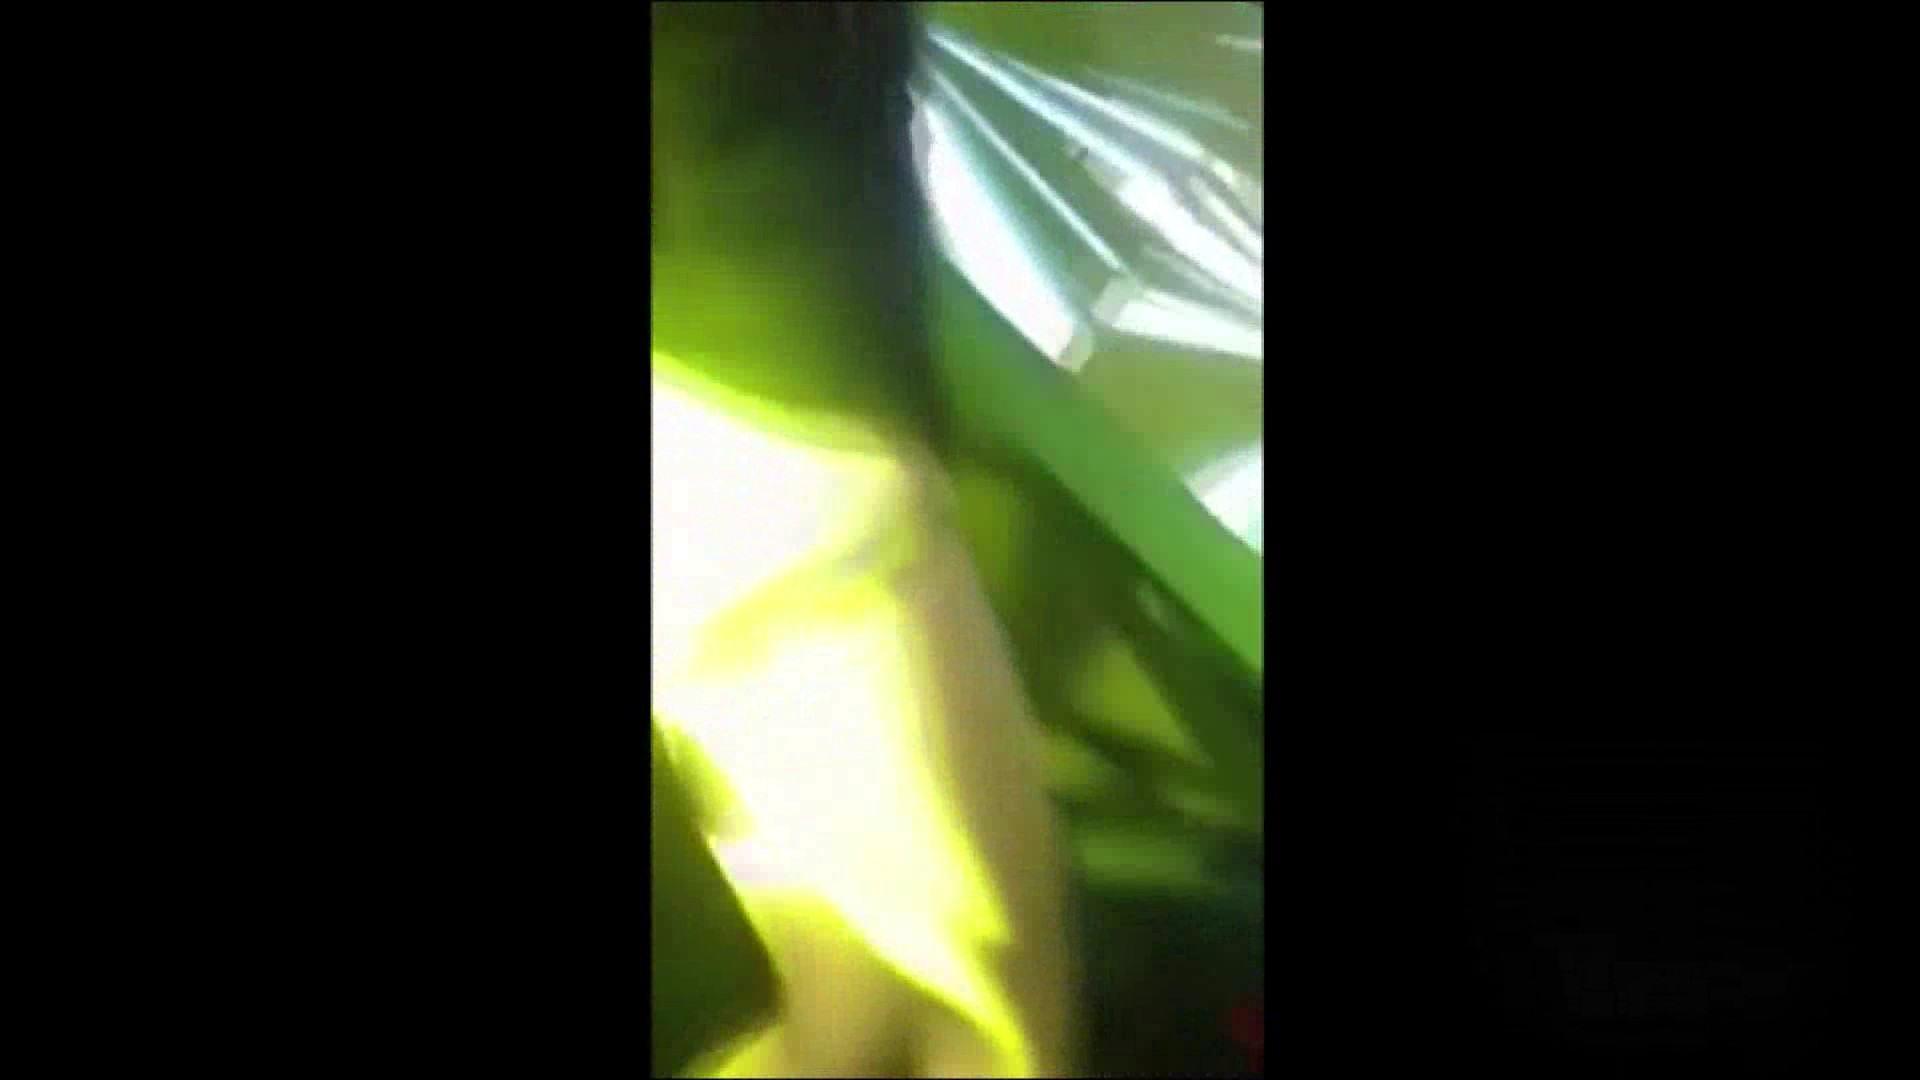 愛があったら入れて欲しい! Vol.04 いやらしいOL オマンコ無修正動画無料 95連発 6